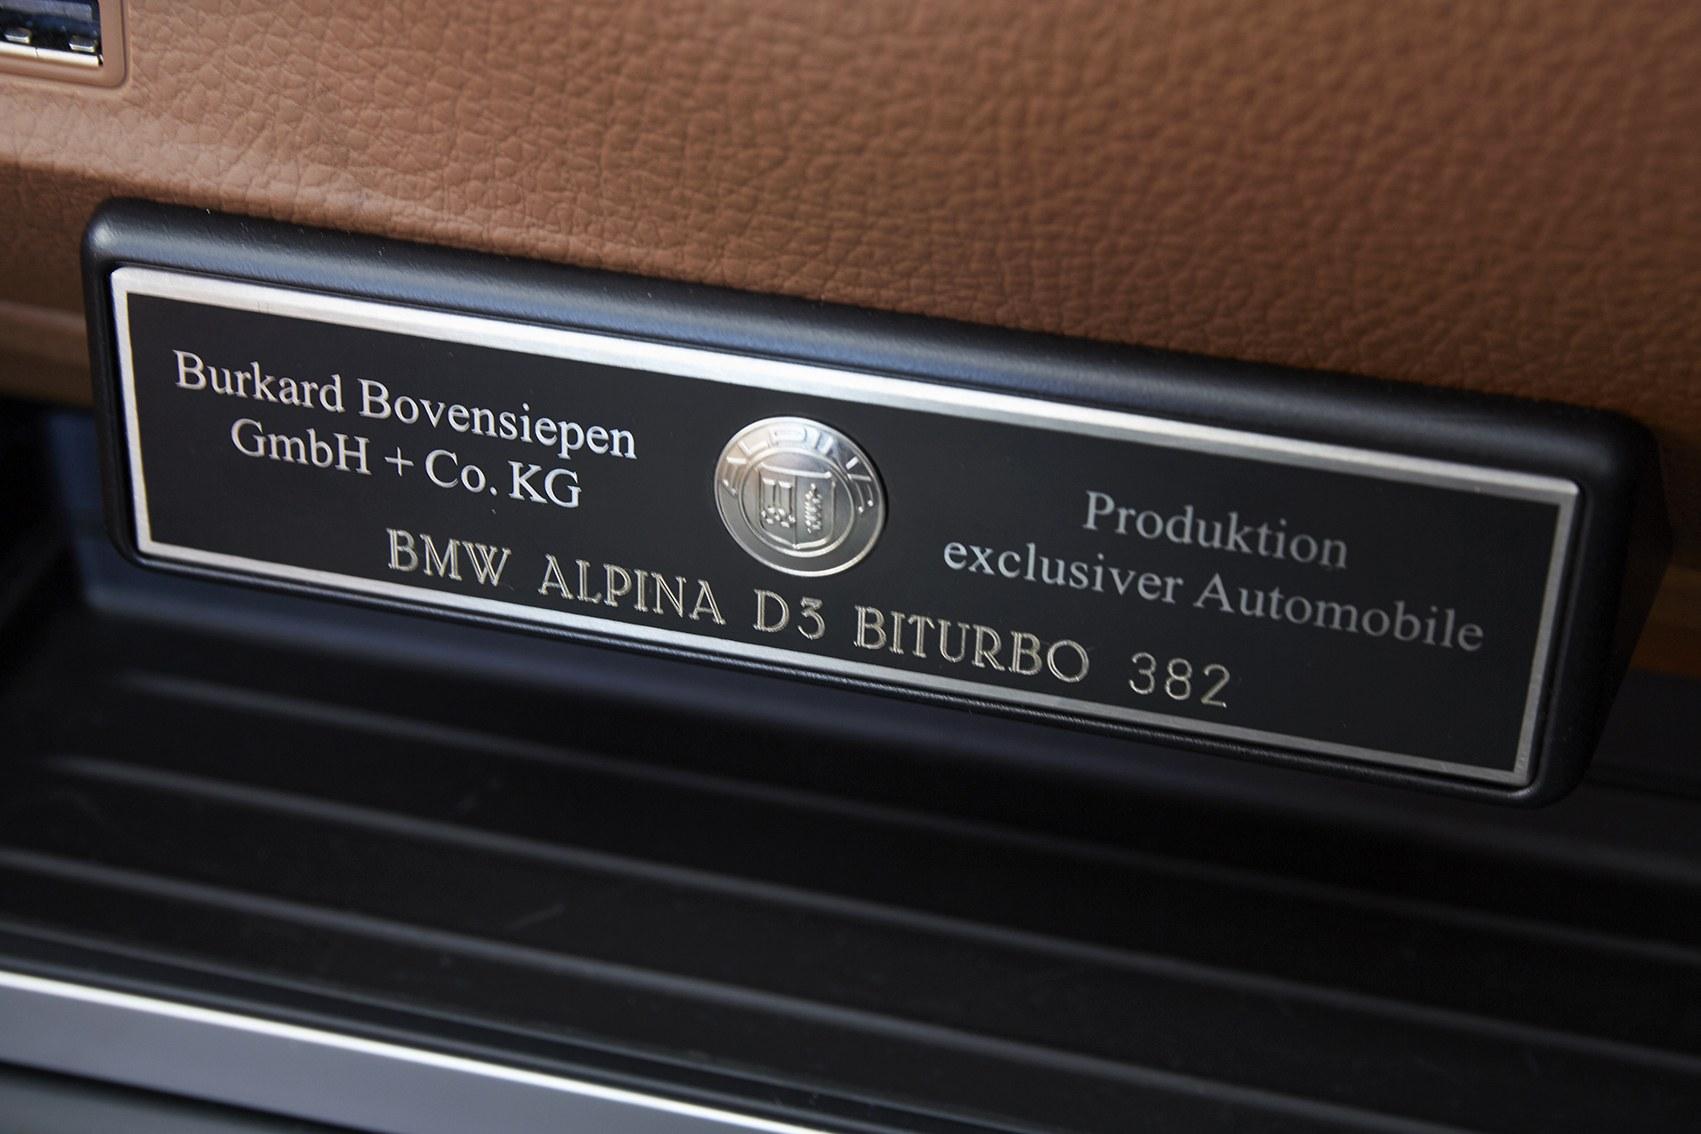 ディーゼルでも圧倒的にスポーティ! BMWアルピナ D3 ビターボ リムジン試乗記